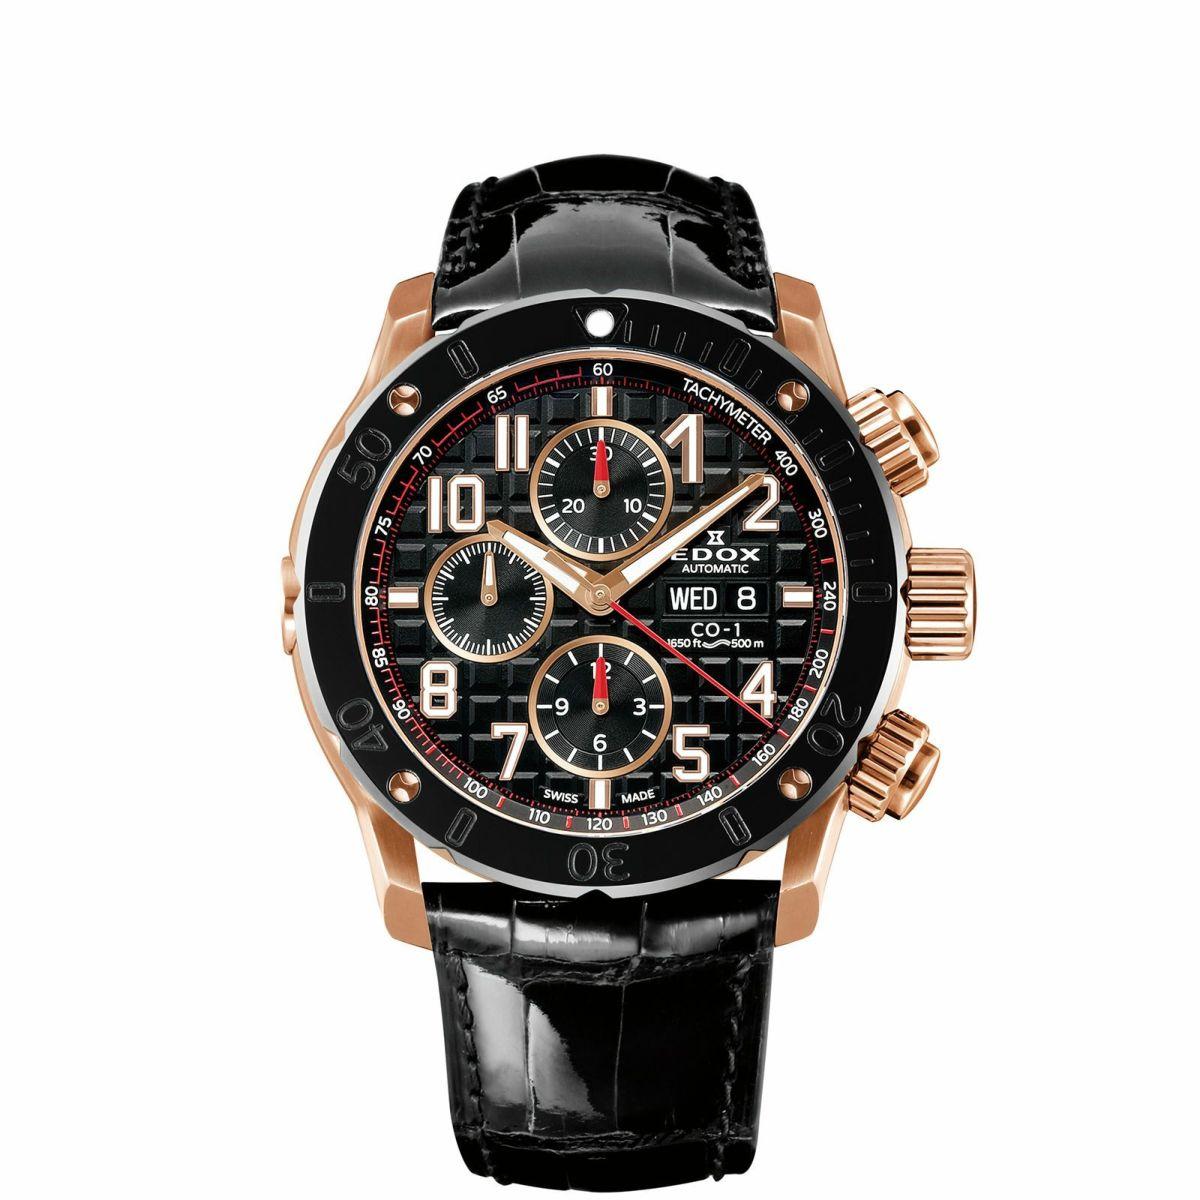 エドックス EDOX 01122-37R-NBR8 クロノオフショア1 クロノグラフ オートマチック 正規品 腕時計